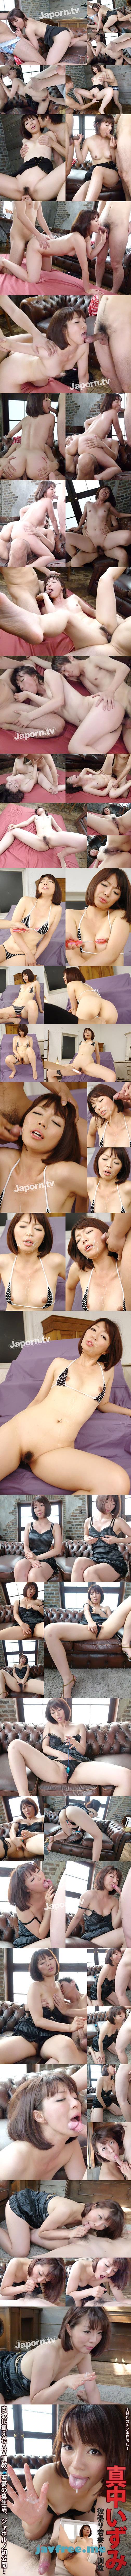 [SMDV 09] S Model DV 09 ~欲張り若妻AV調教~ : 真中いずみ 真中いずみ SMDV Izumi Manaka